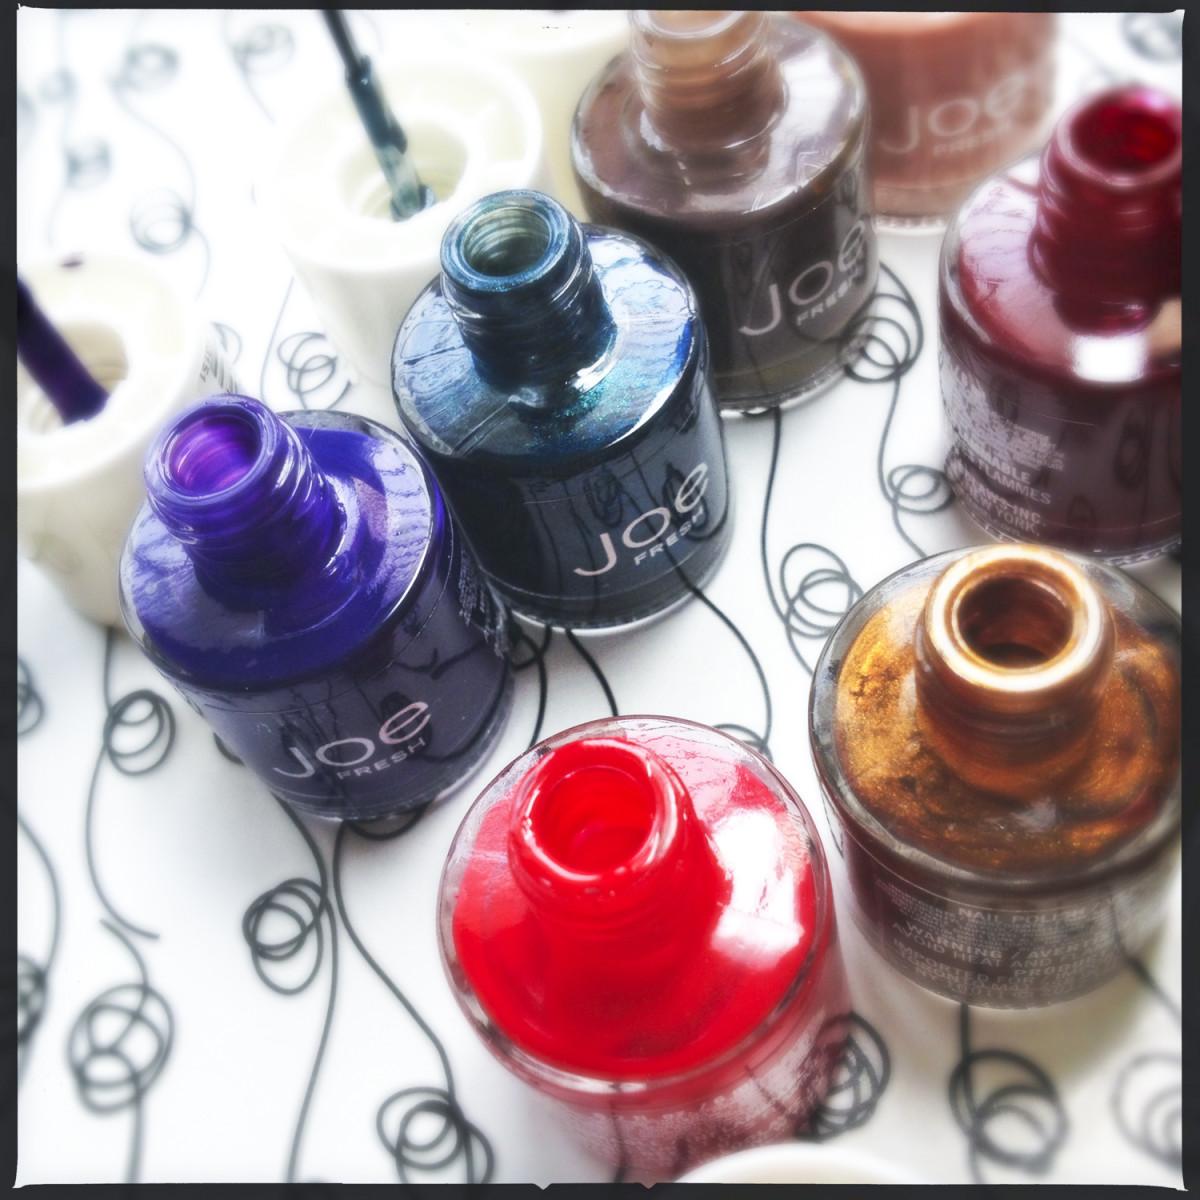 Joe Fresh nail polish BottleShot